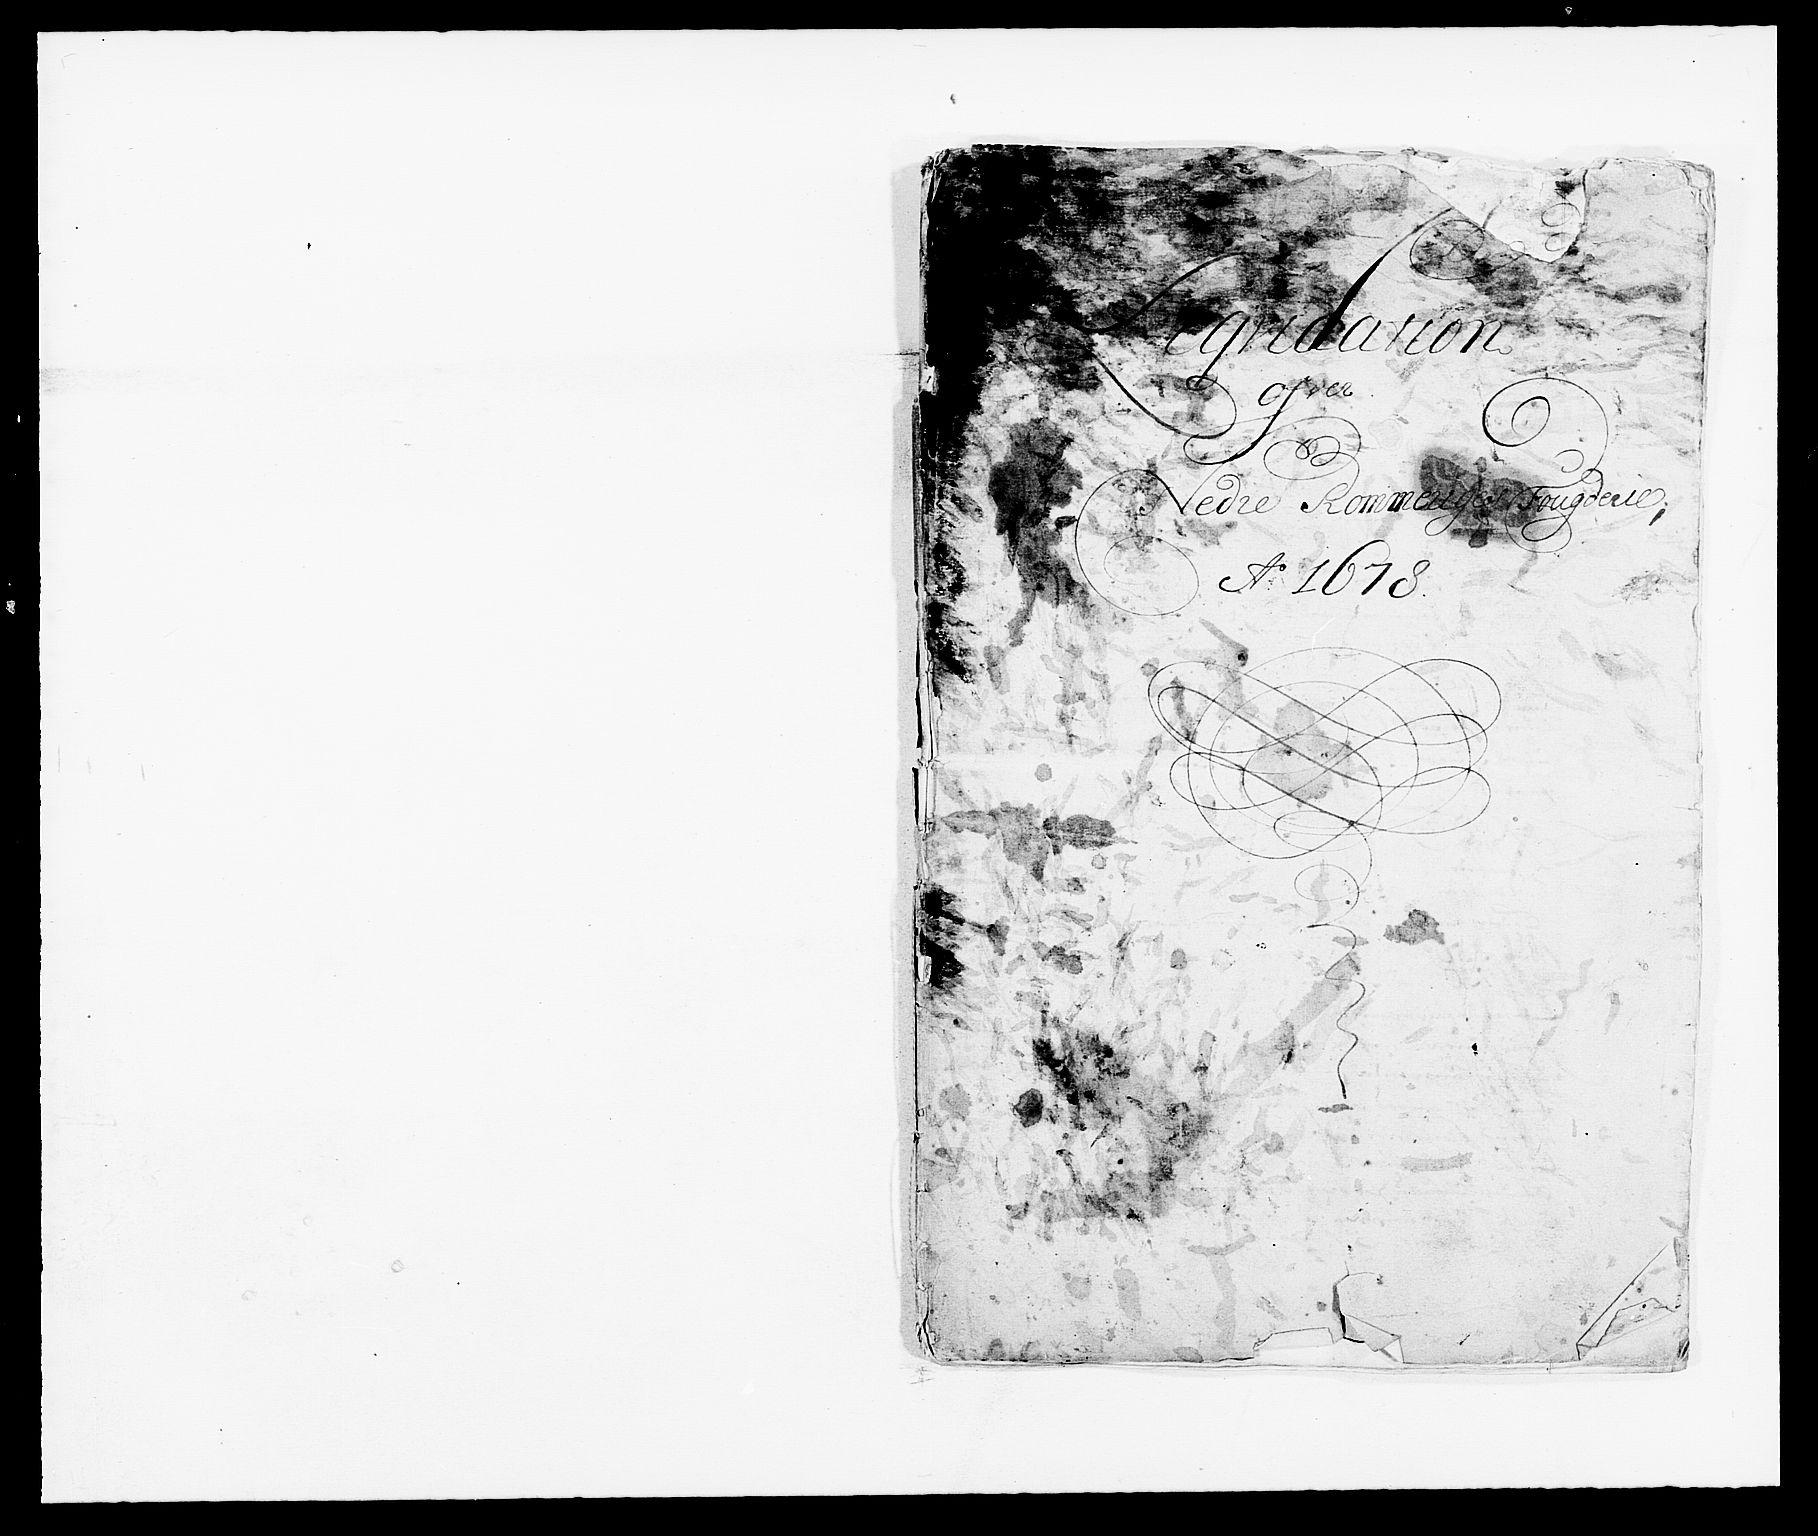 RA, Rentekammeret inntil 1814, Reviderte regnskaper, Fogderegnskap, R11/L0567: Fogderegnskap Nedre Romerike, 1678, s. 9